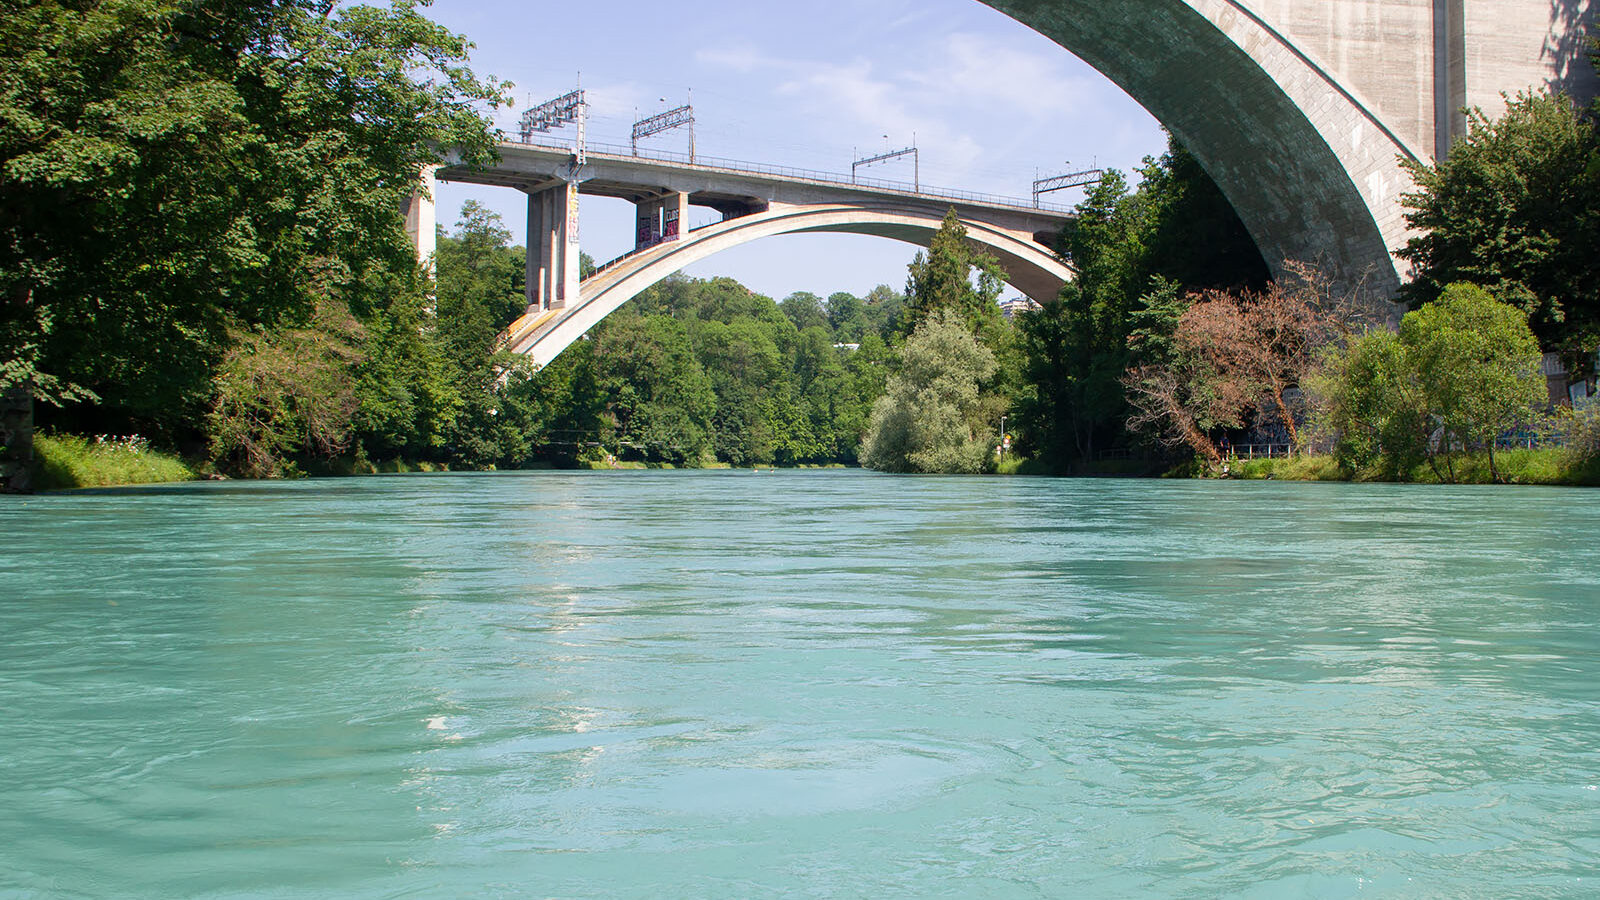 Hinter der Lorrainebrücke (im Hintergrund) muss leider schon ausgewassert werden